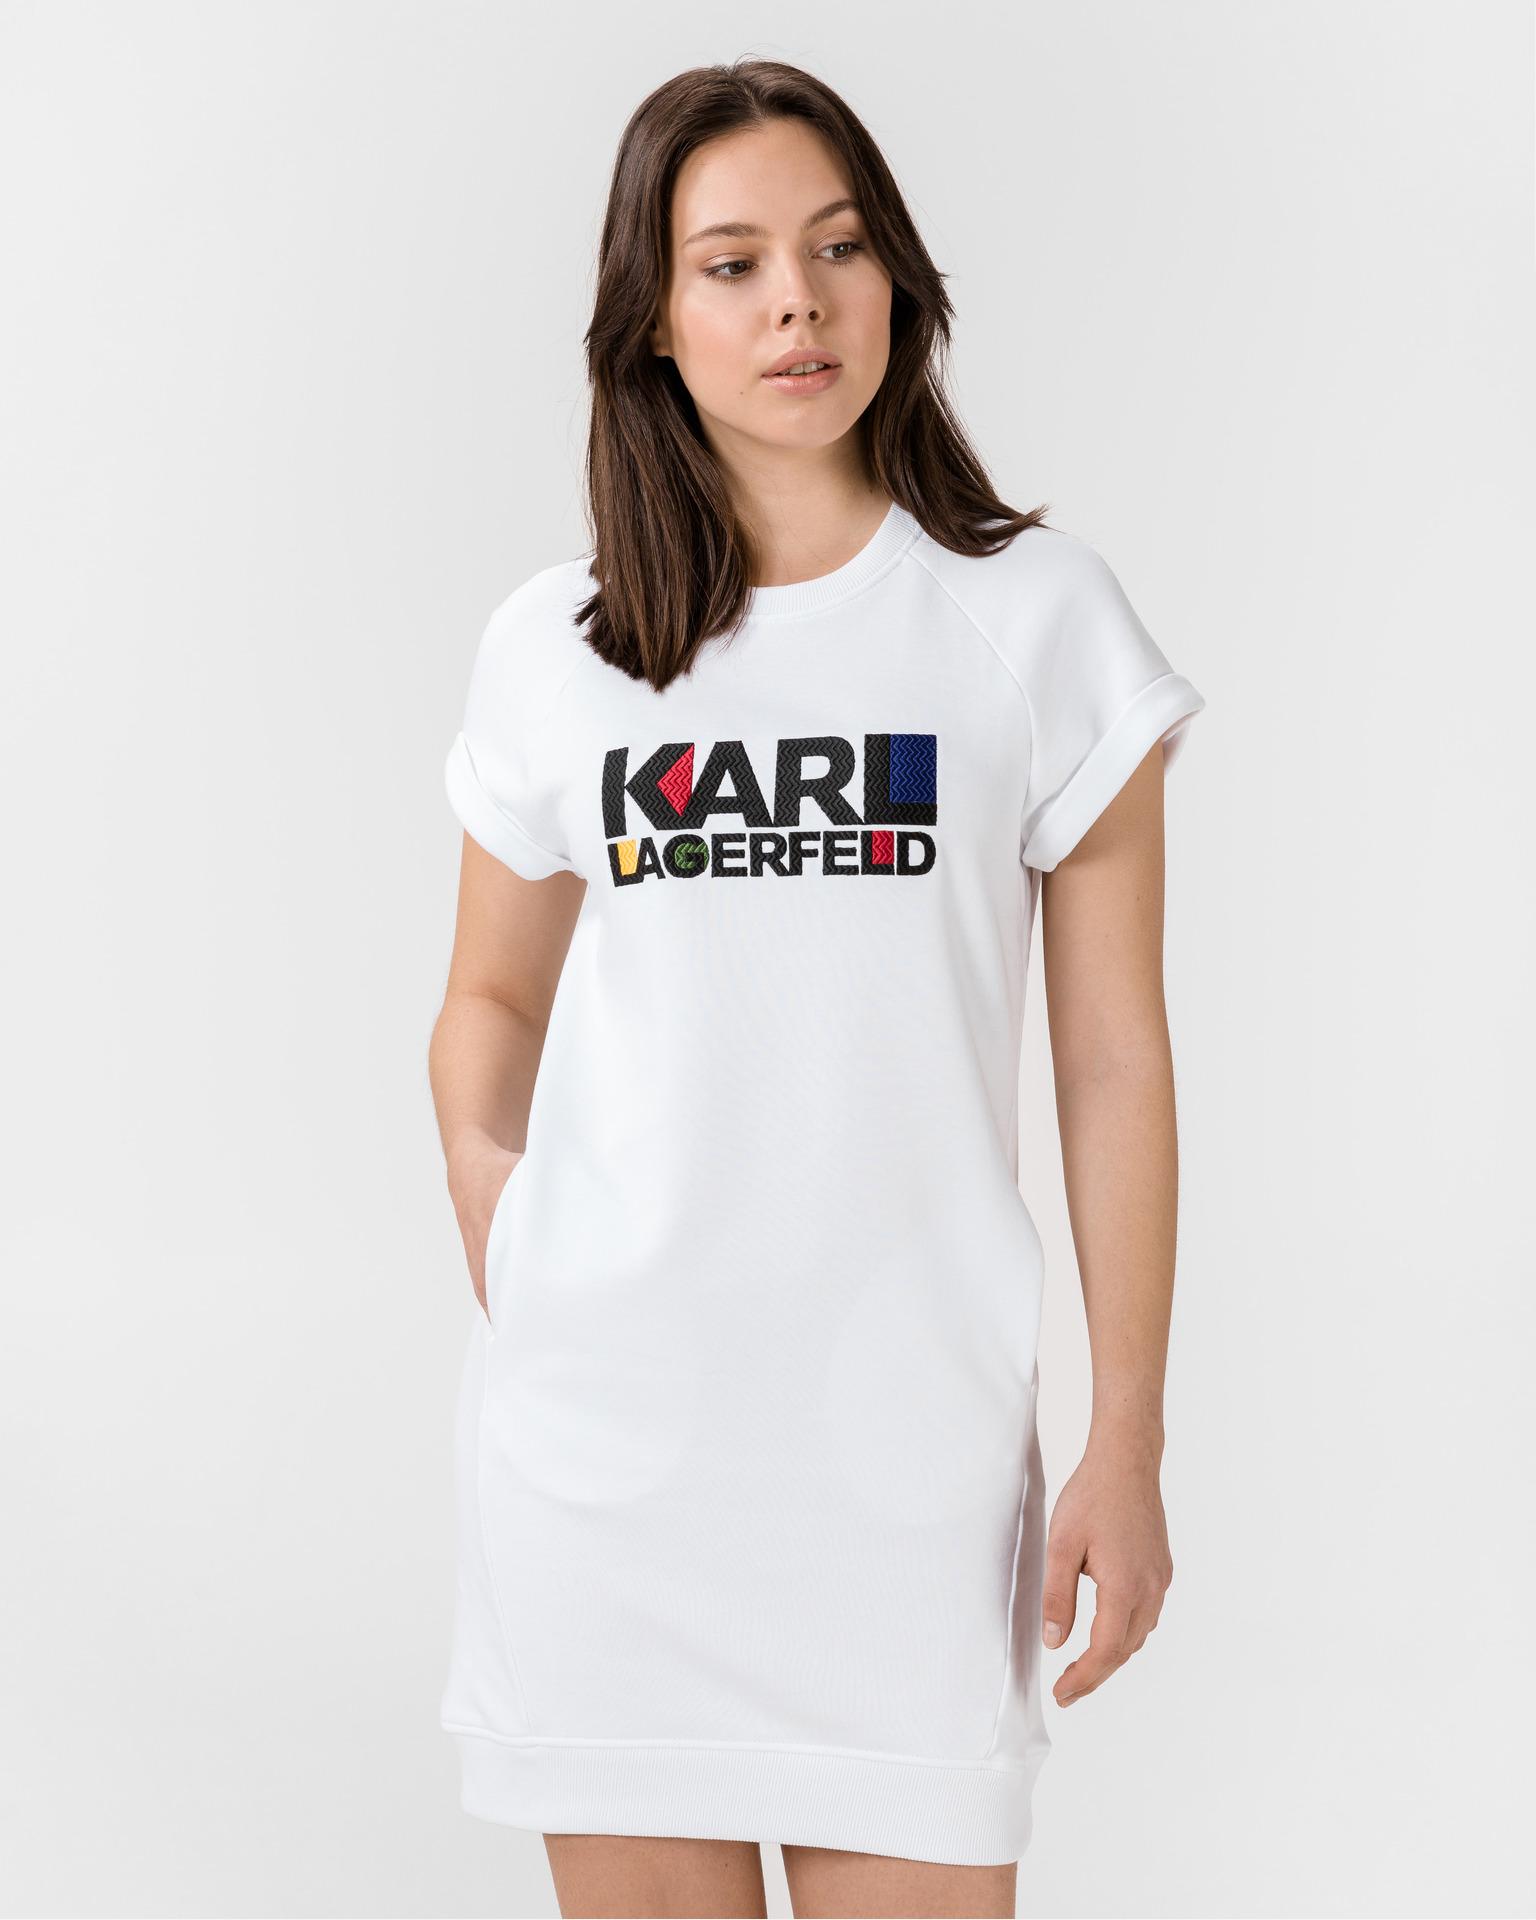 Karl Lagerfeld Футболка жіночі модель 201W1817_100_0041 придбати, 2017